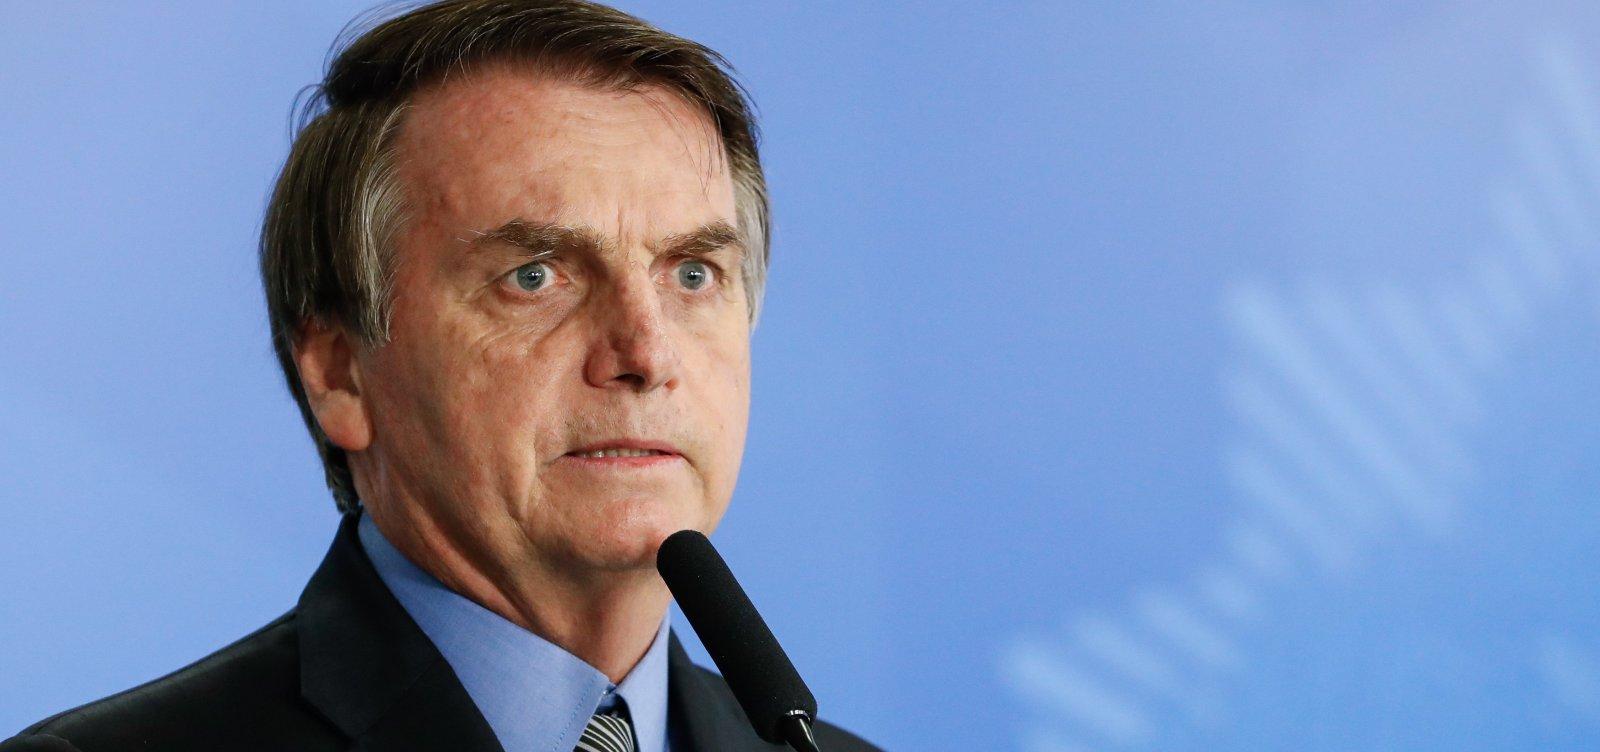 [Datafolha: mesmo após prisão de Queiroz, popularidade de Bolsonaro se mantém estável]